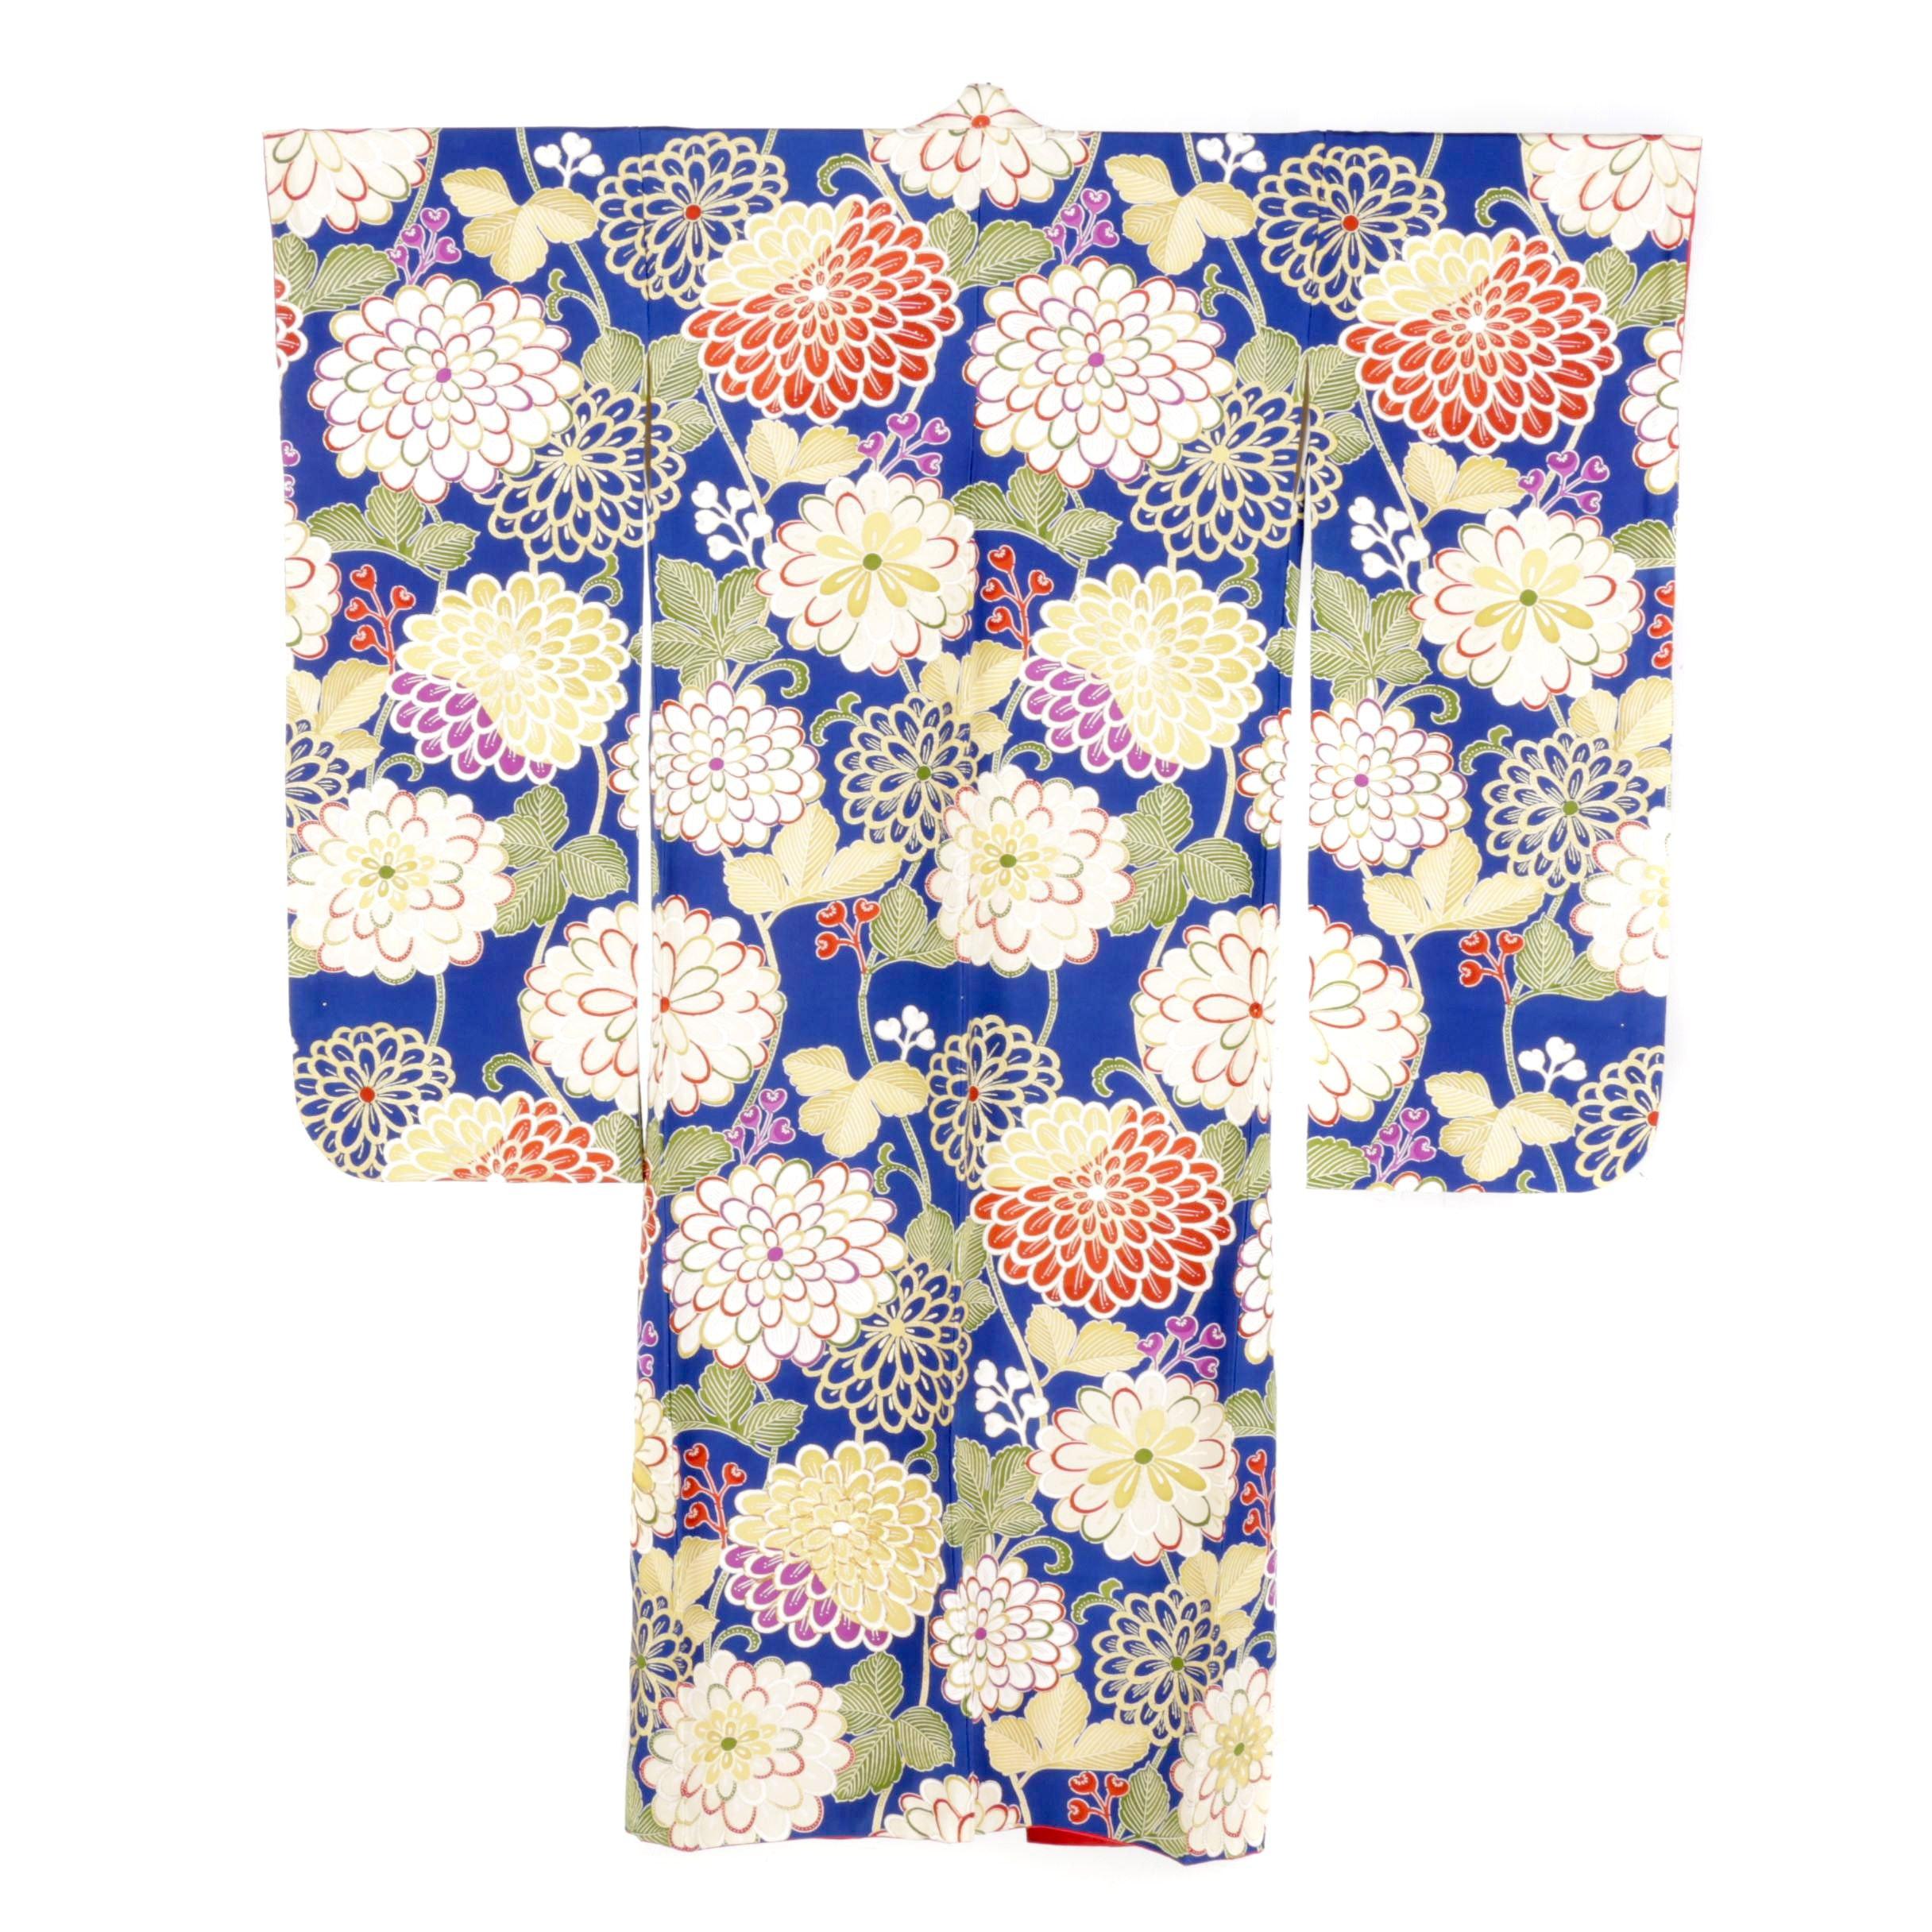 Circa 1940s Vintage Hand Sewn Furisode Kimono